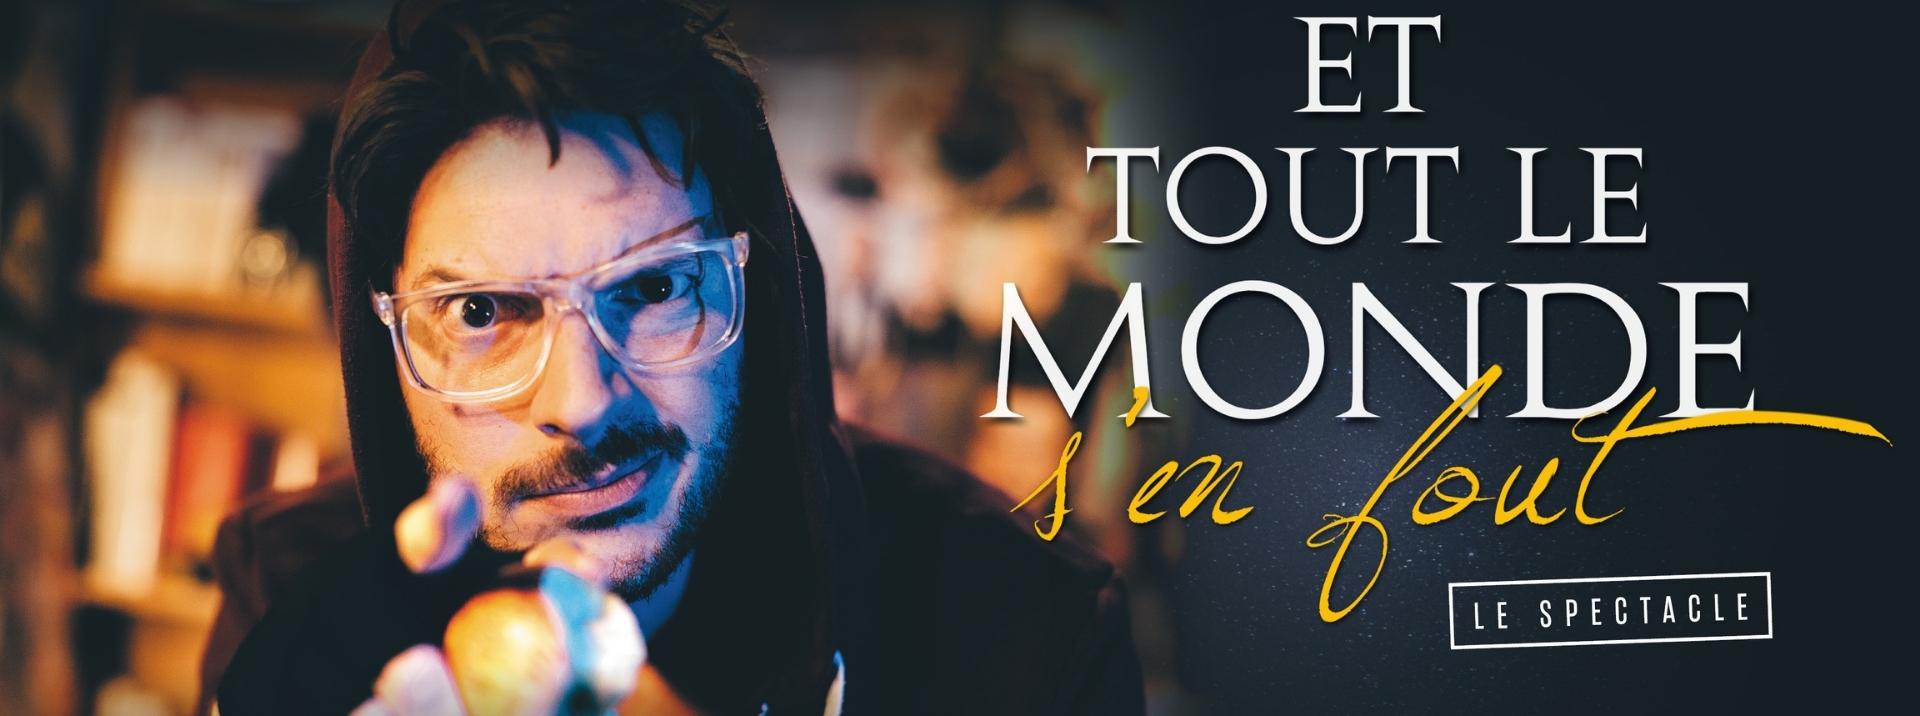 Billetterie spectacle Nantes - Et tout le monde s'en fout avec Axel Luttuada sur scène